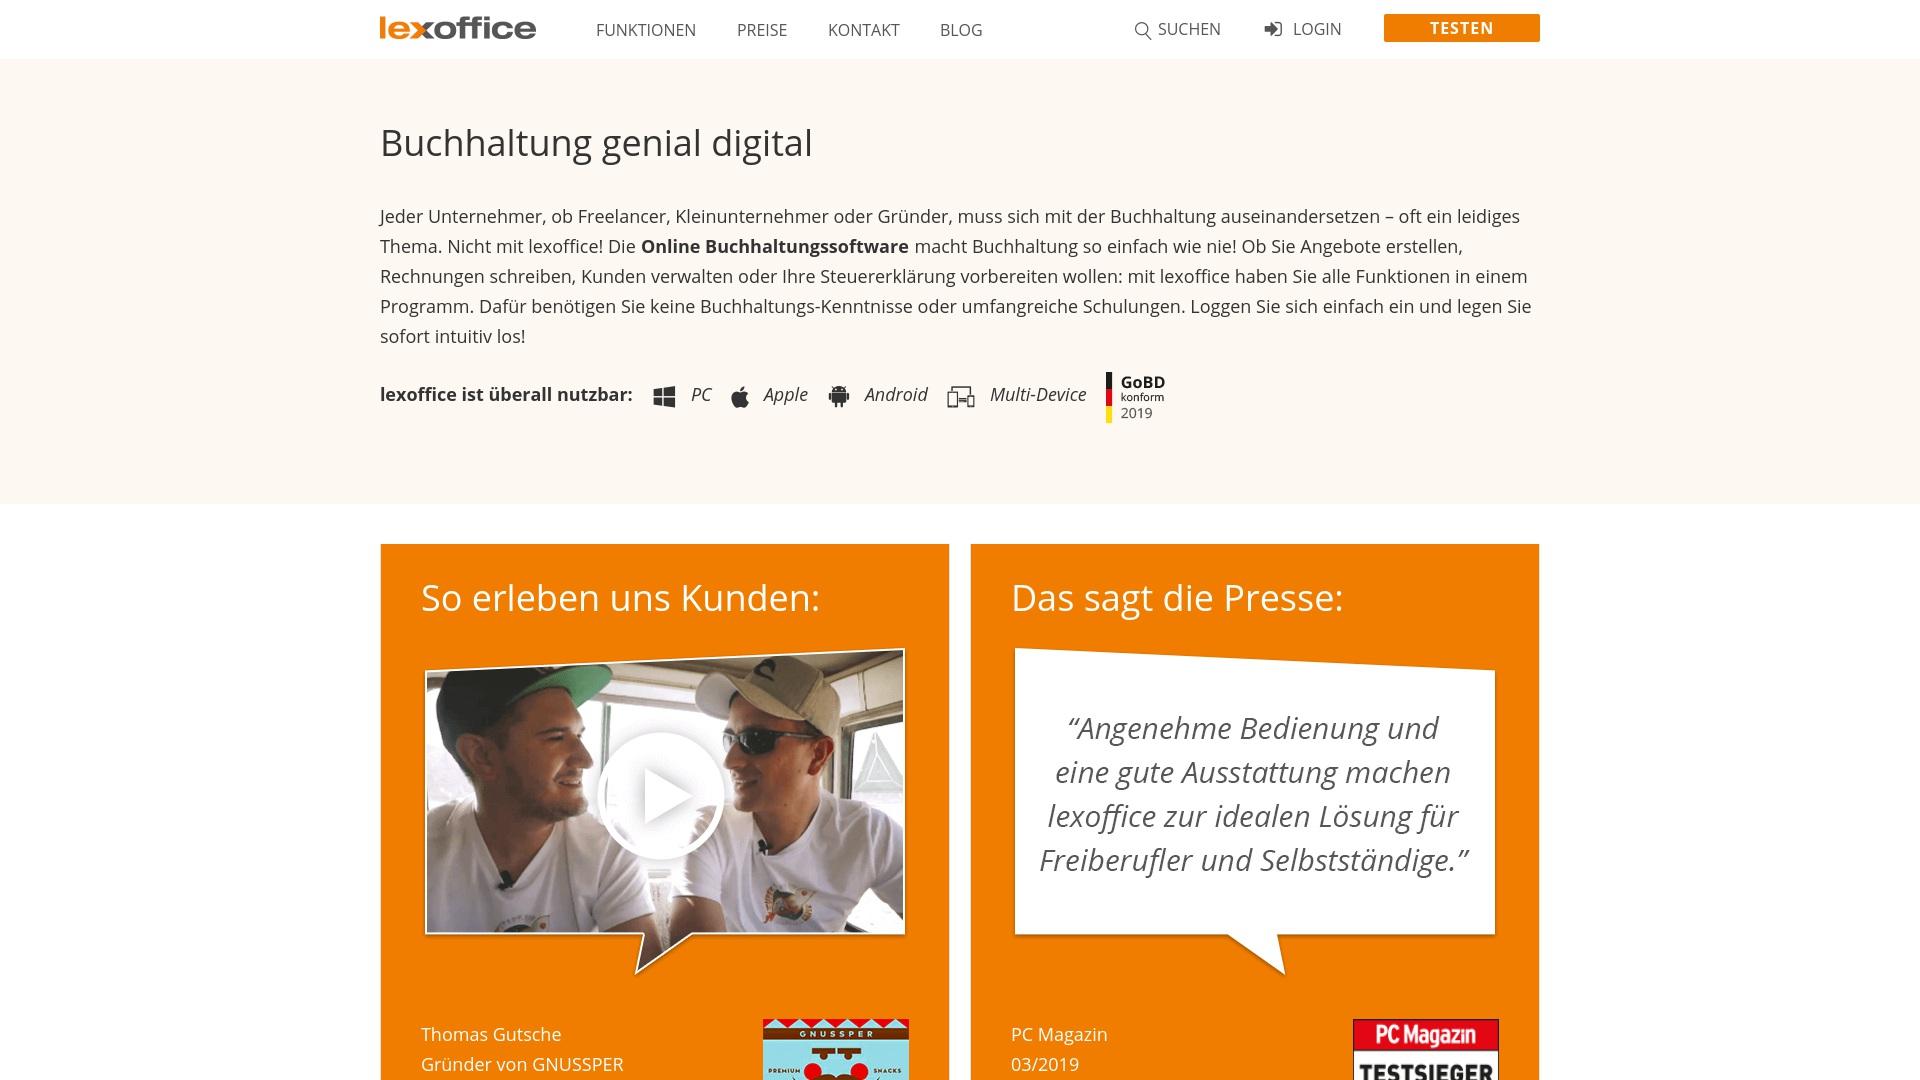 Gutschein für Lexoffice: Rabatte für  Lexoffice sichern